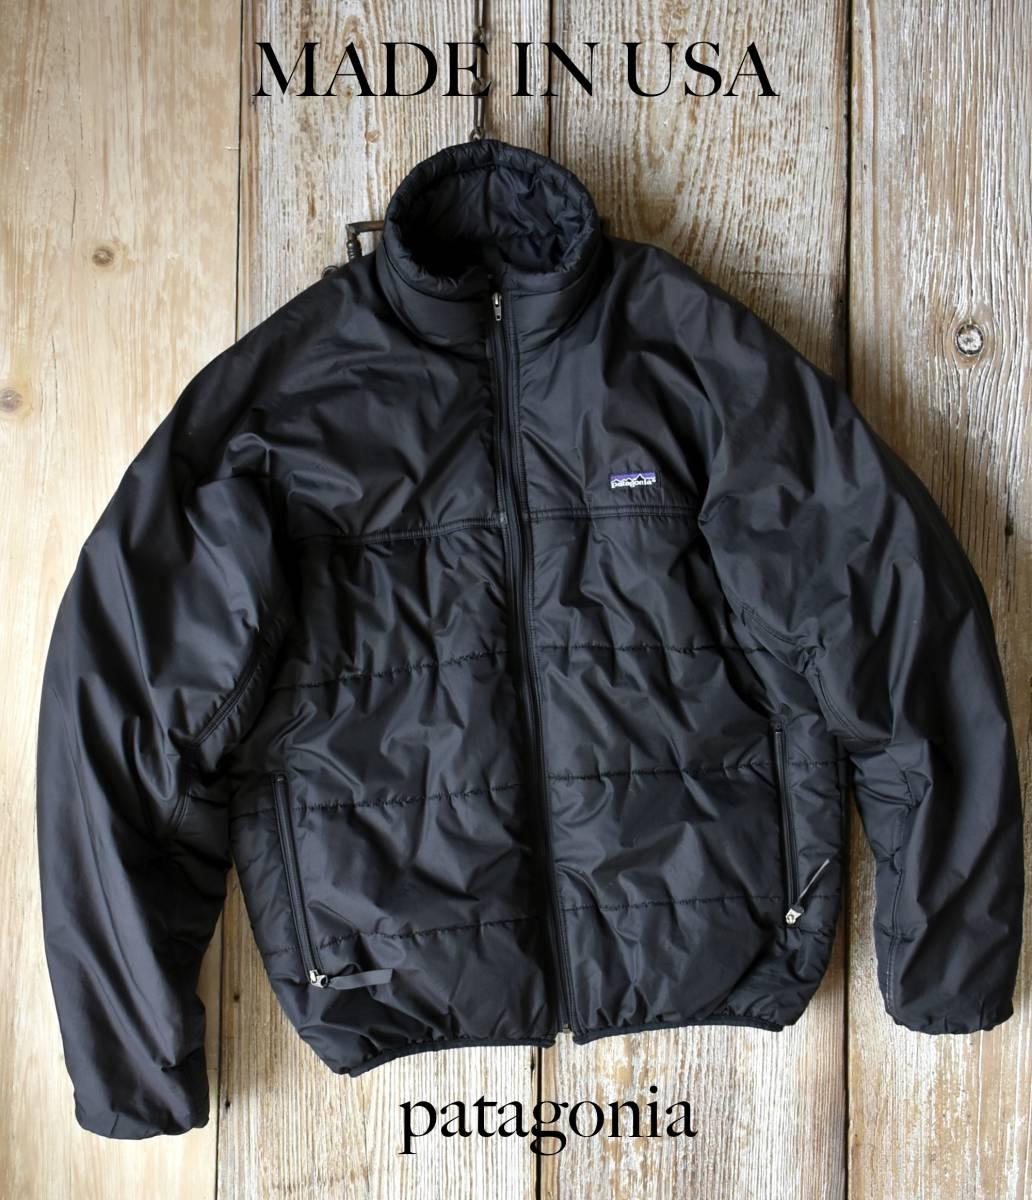 希少 90s ヴィンテージ USA製 patagonia パタゴニア 中綿 インサレーション ブルゾン ジャケット ブラック Lサイズ